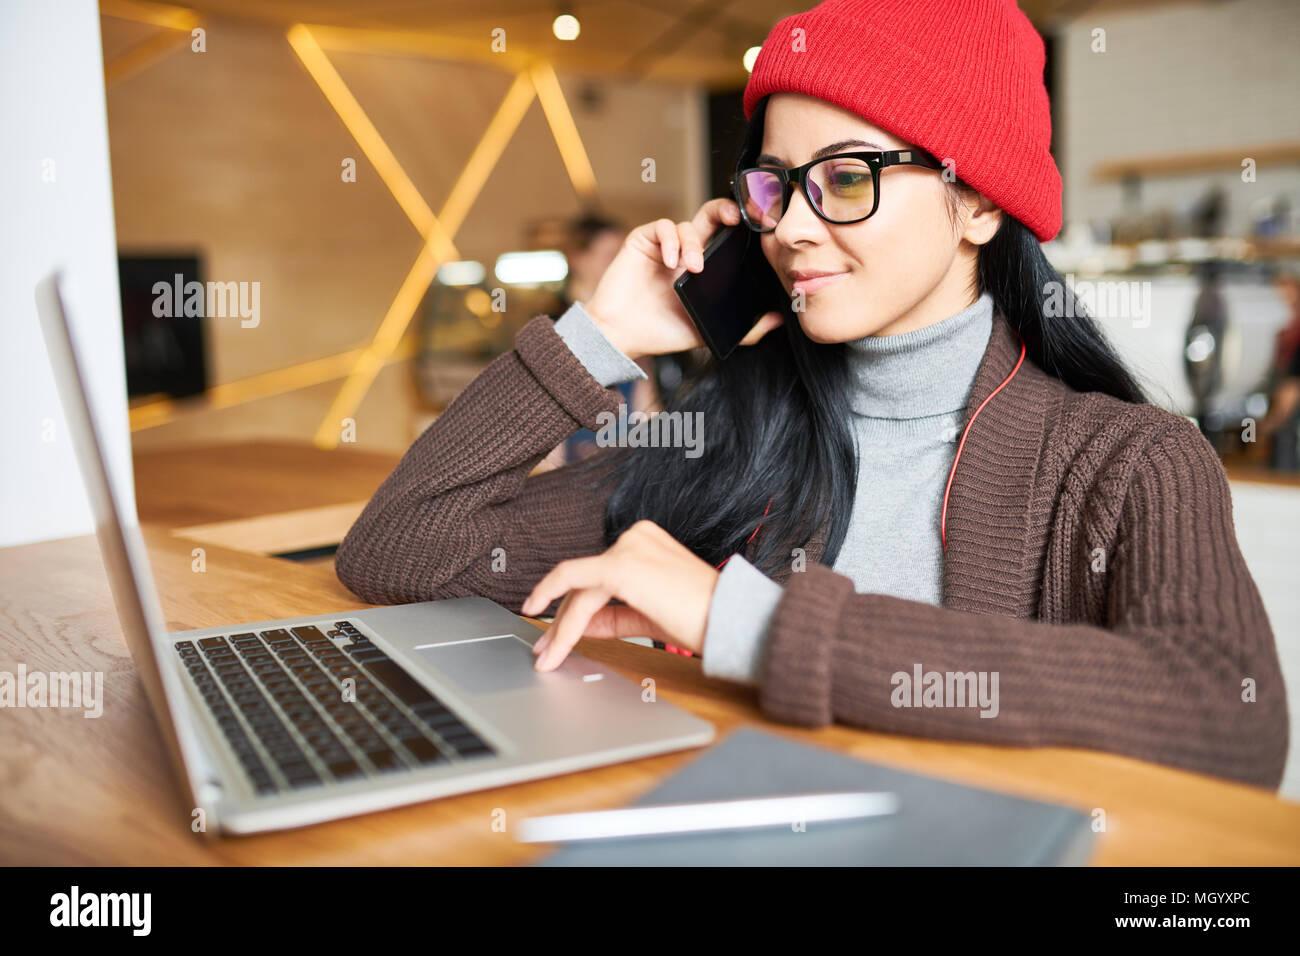 Mujer trabajando en la cafetería de moda Foto de stock